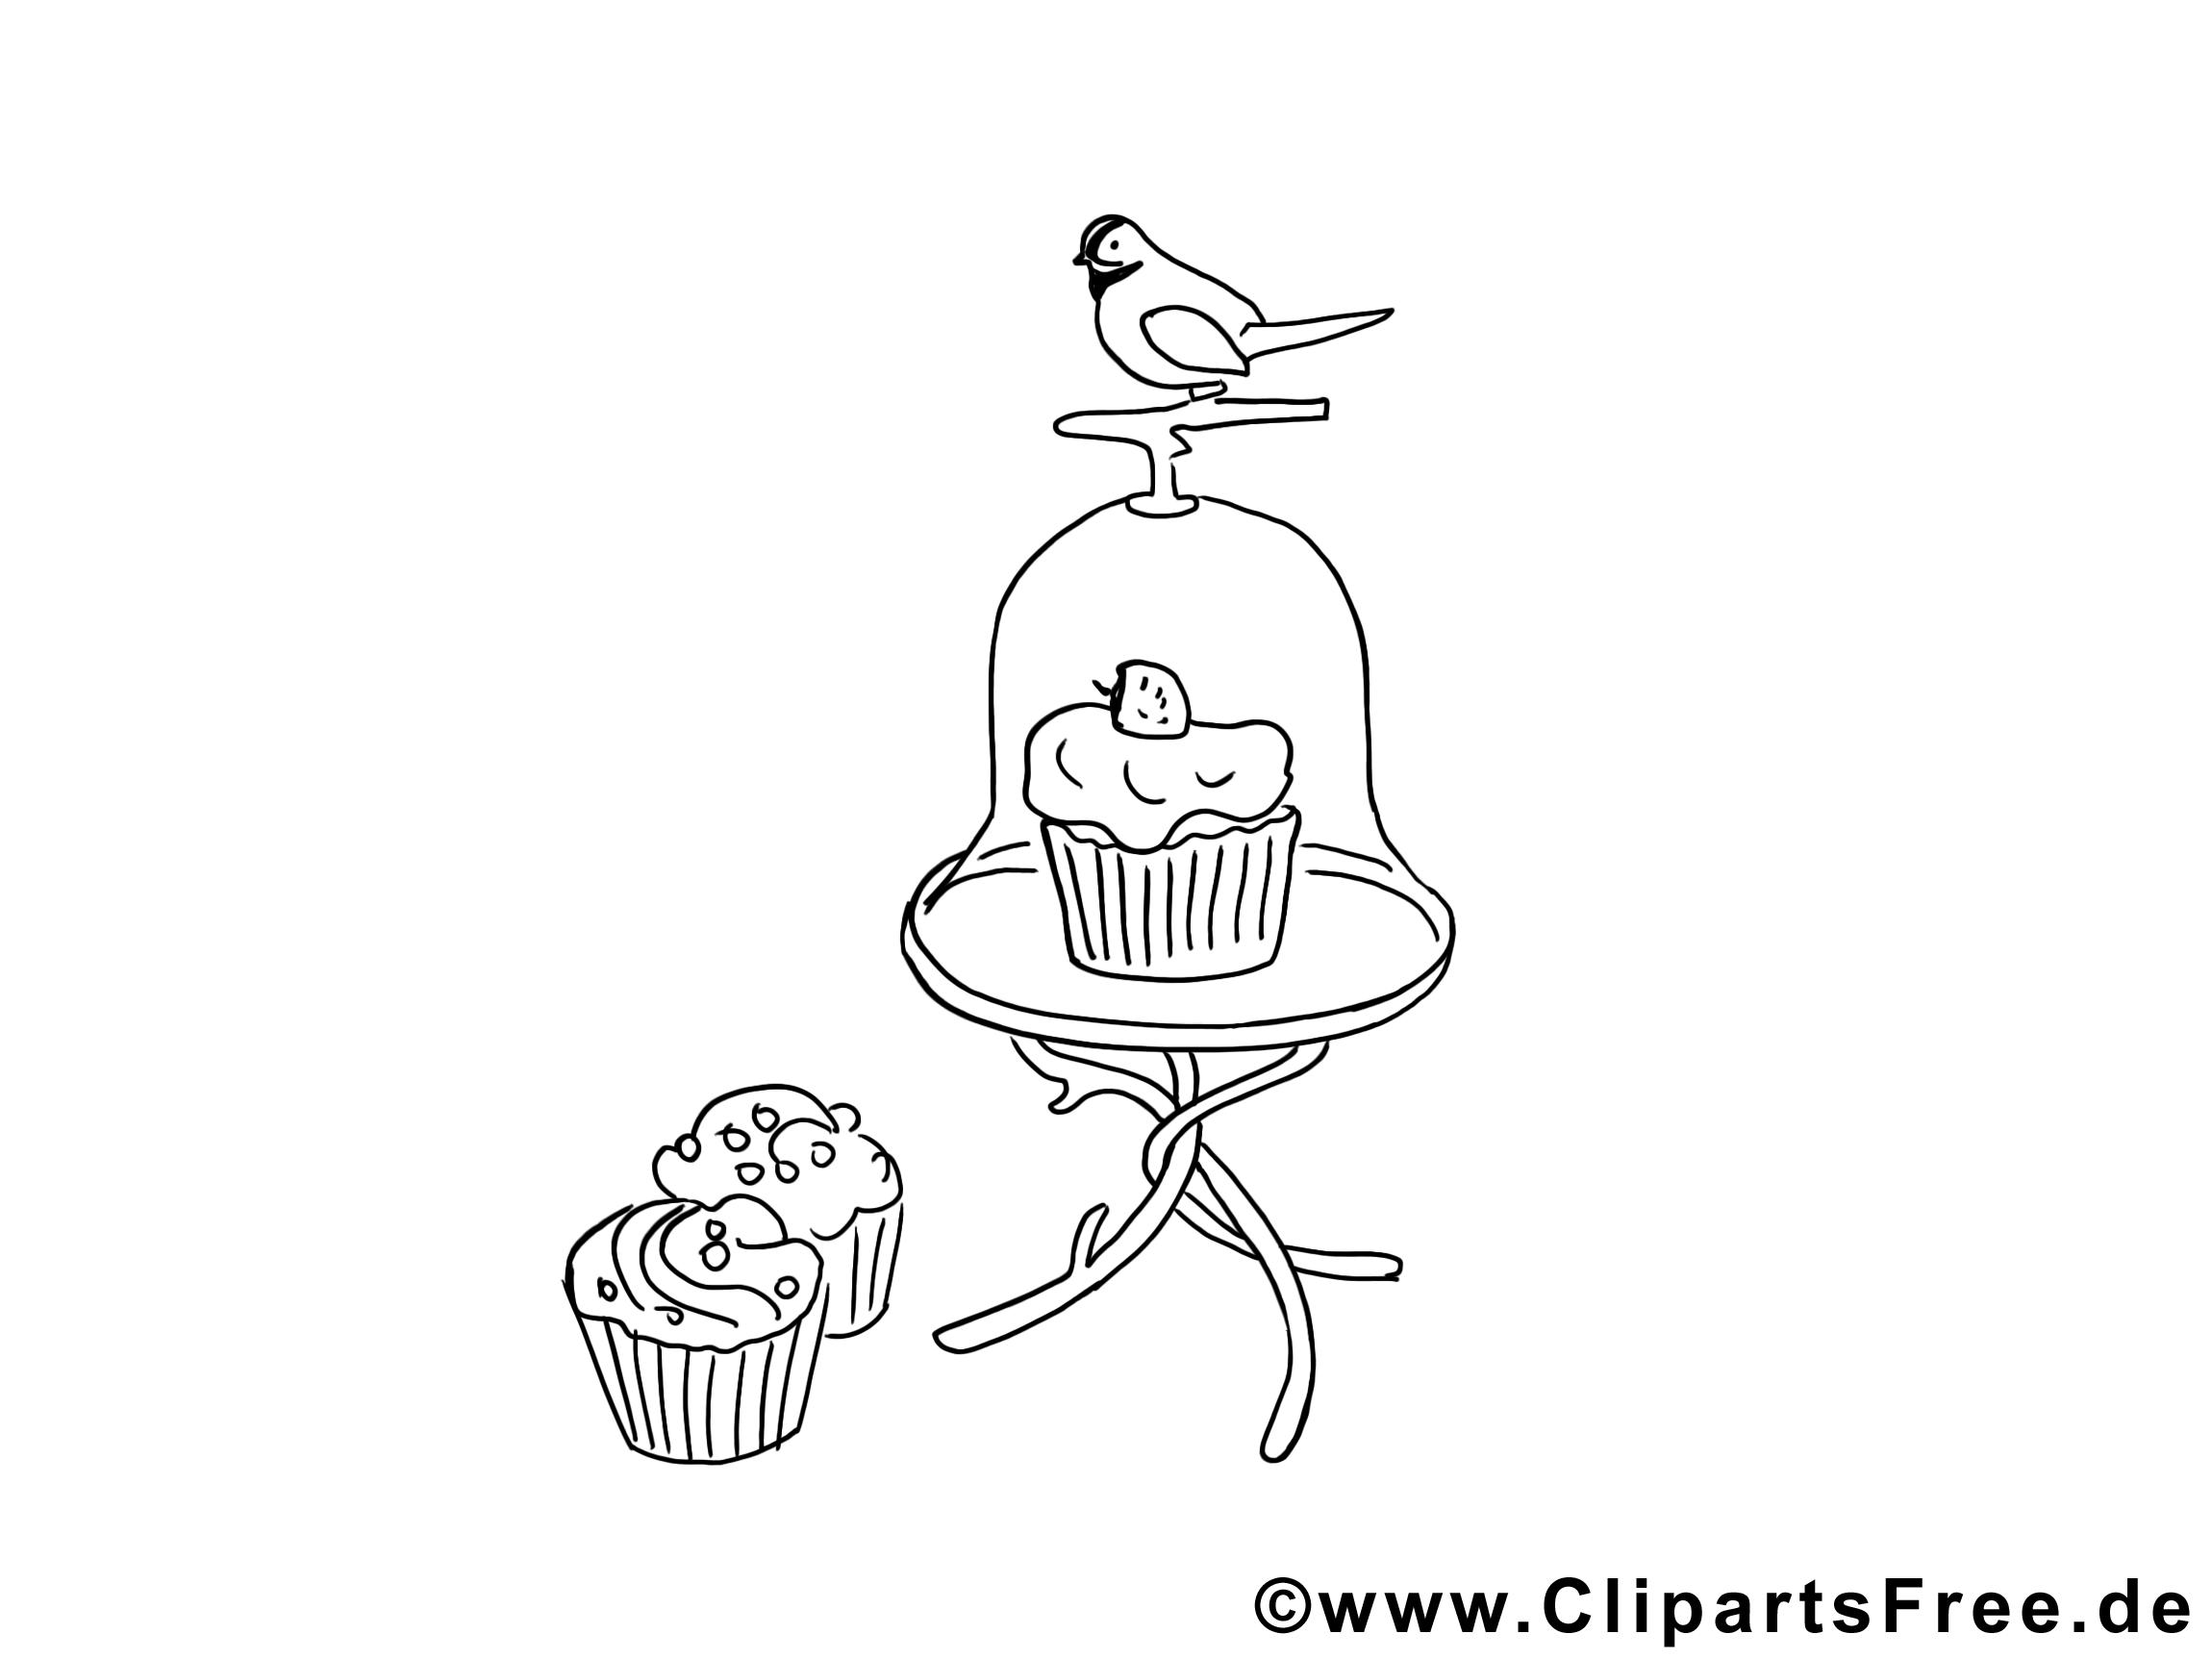 Oiseau gâteaux clipart – Divers dessins à colorier